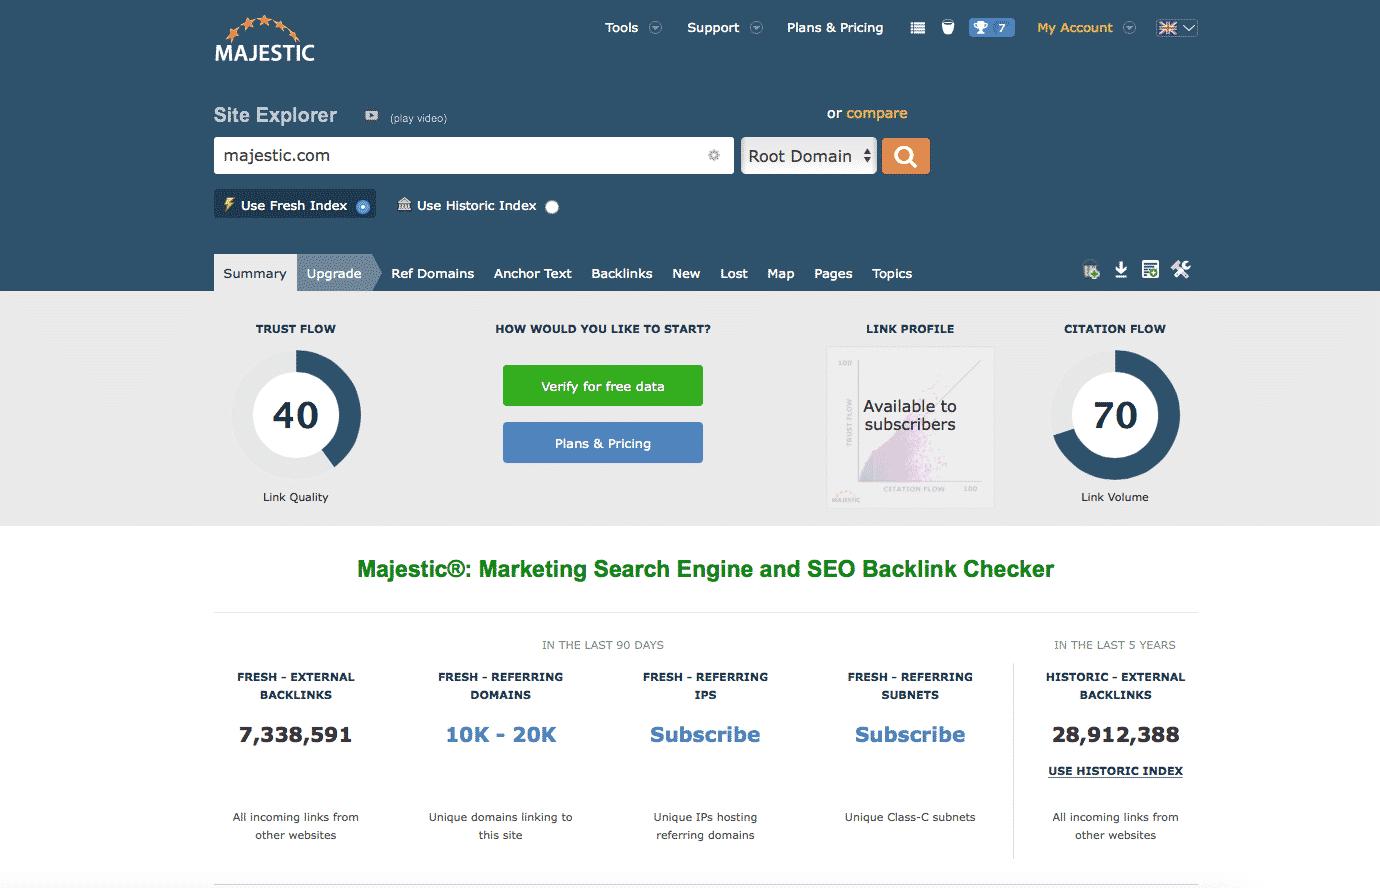 Majestic SEO Backlink Checker